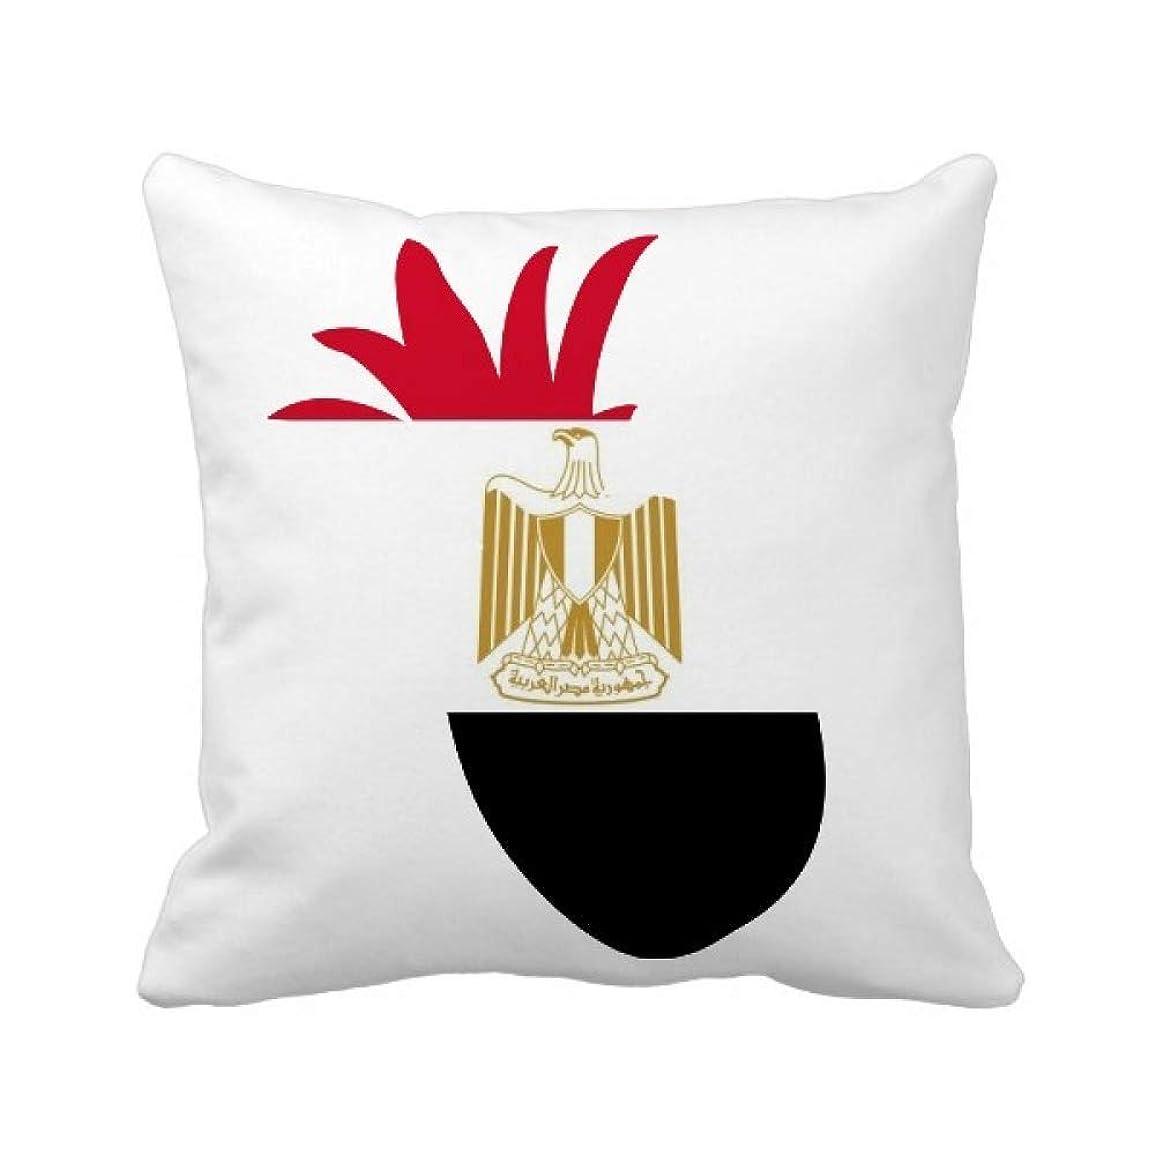 月面副産物広告主エジプトの国旗のアフリカの国 パイナップル枕カバー正方形を投げる 50cm x 50cm